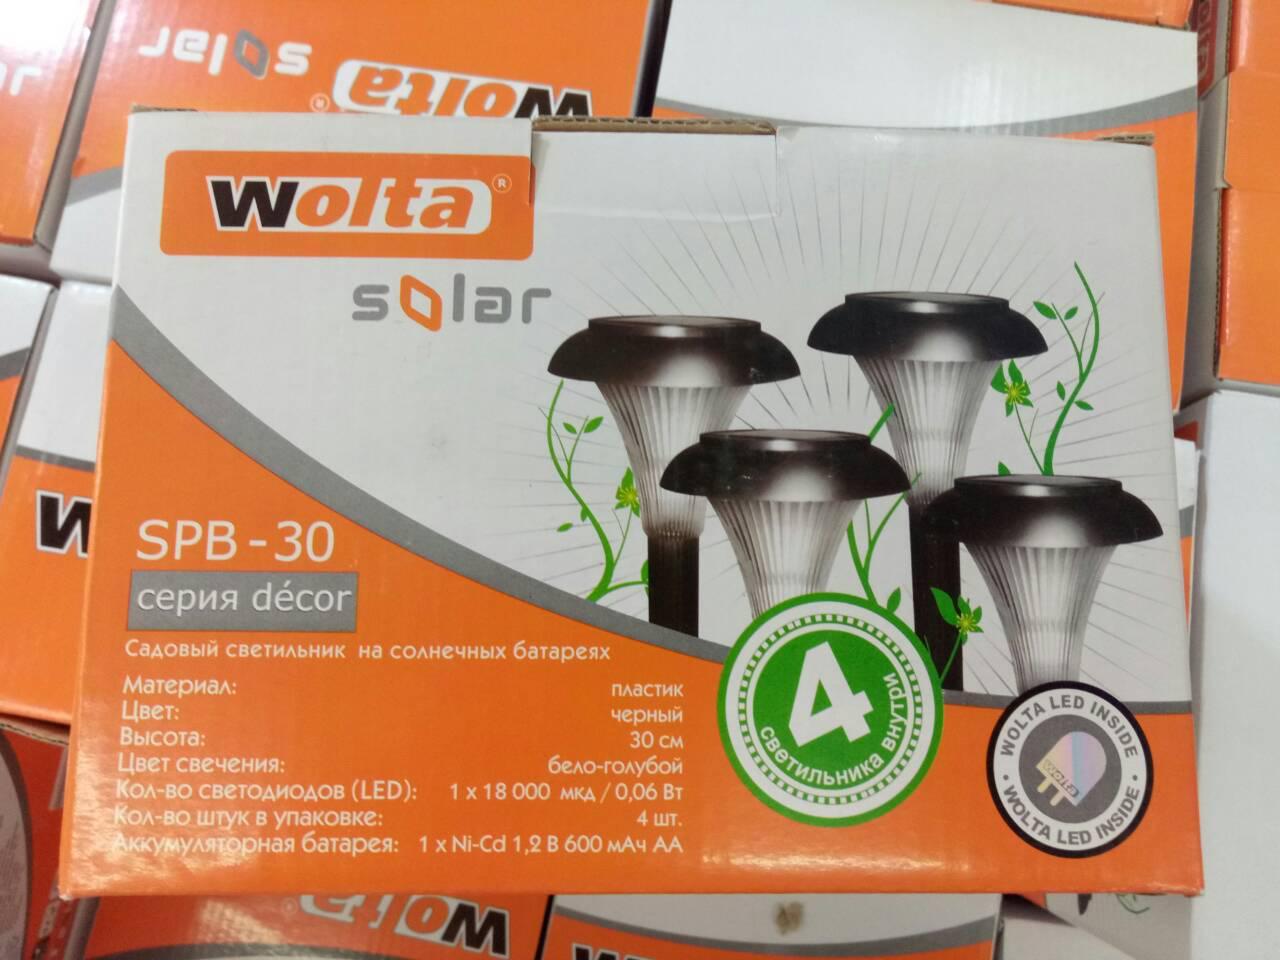 Фонарики светильники на солнечной батарее панеле садовые на стойке ножке 4 шт комплект